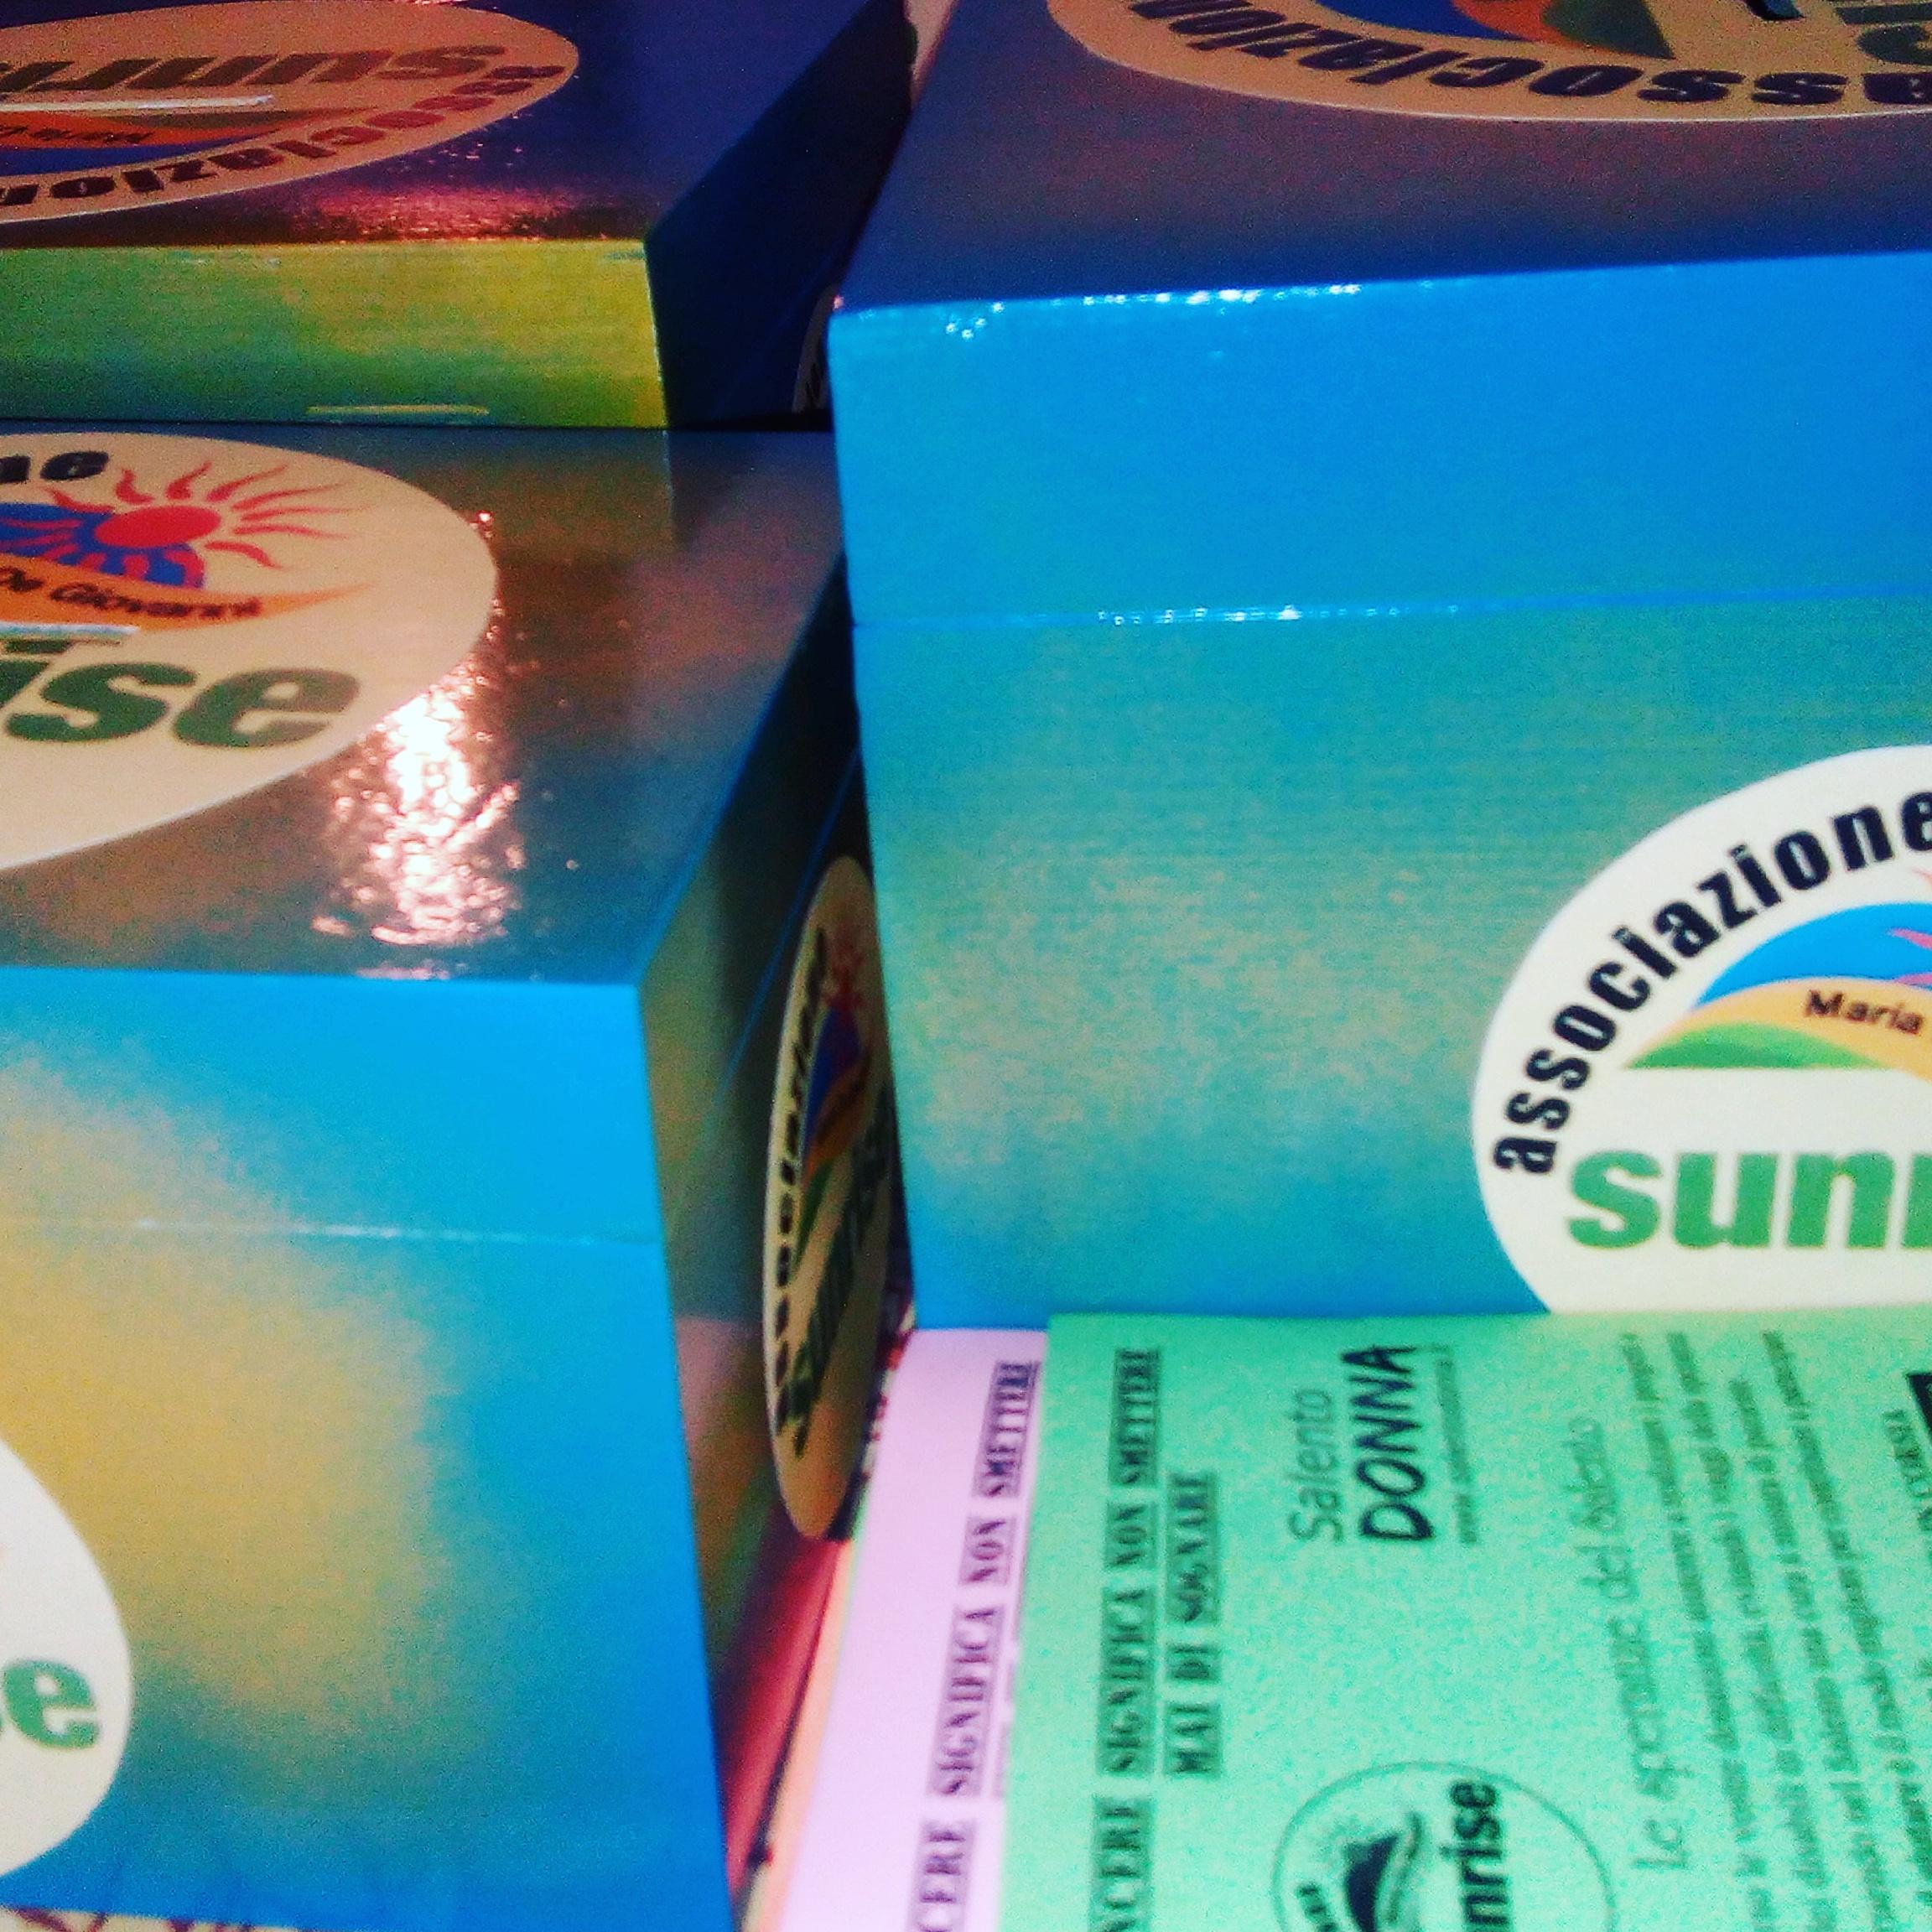 Un geranio per la vita, l'Associazione Sunrise Onlus di Borgagne scende in piazza.